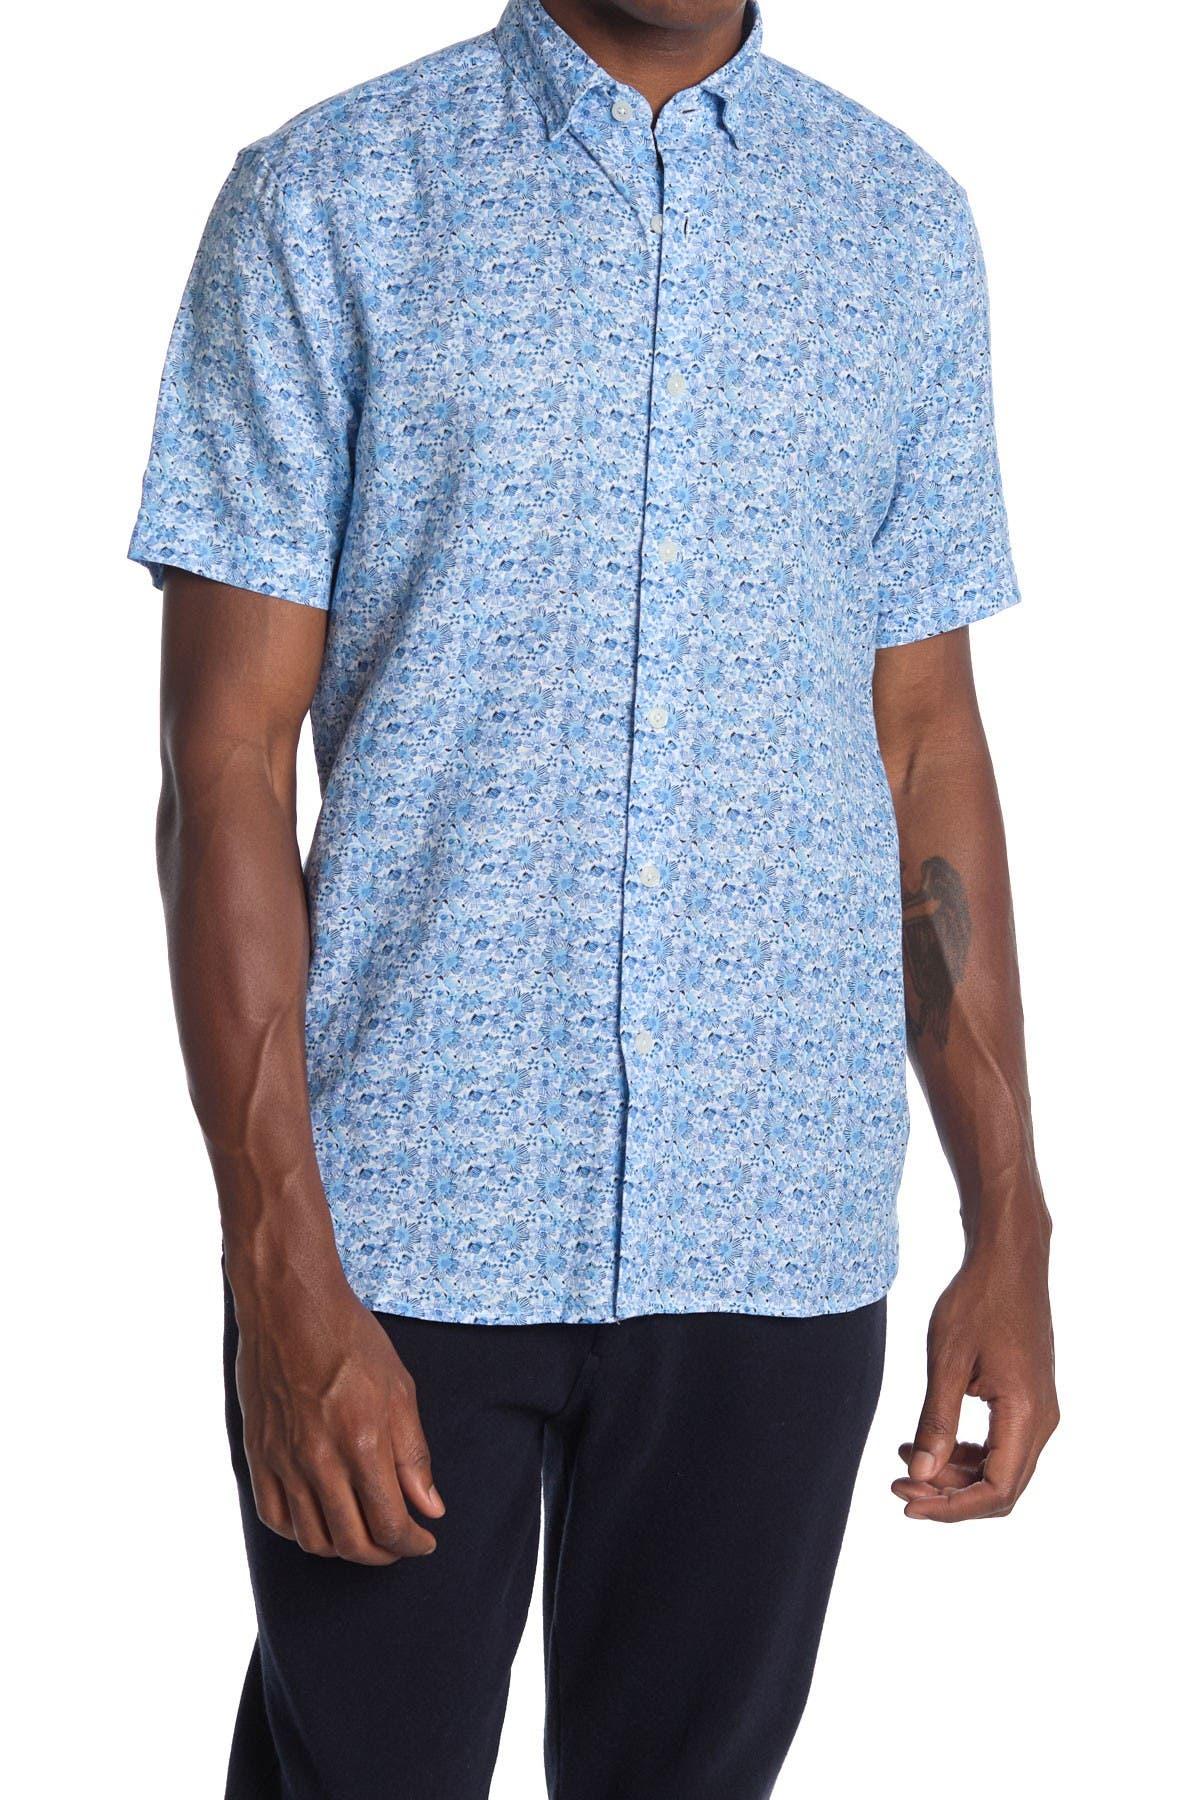 Image of Toscano Short Sleeve Floral Printed Linen Blend Shirt